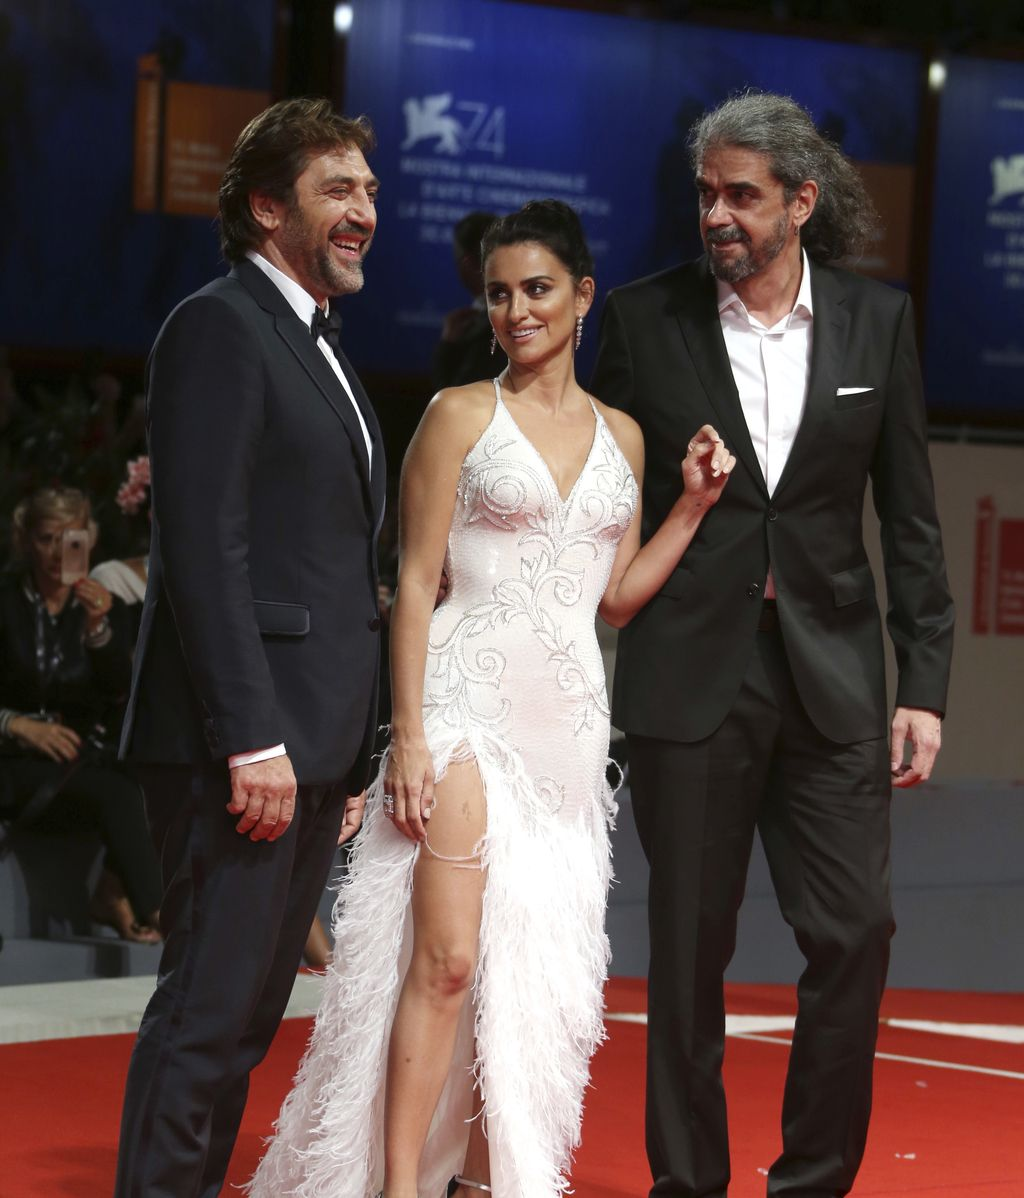 Fernando León de Aranoa, con quien Javier ya trabajó en 'Los lunes al sol', es el director de la cinta